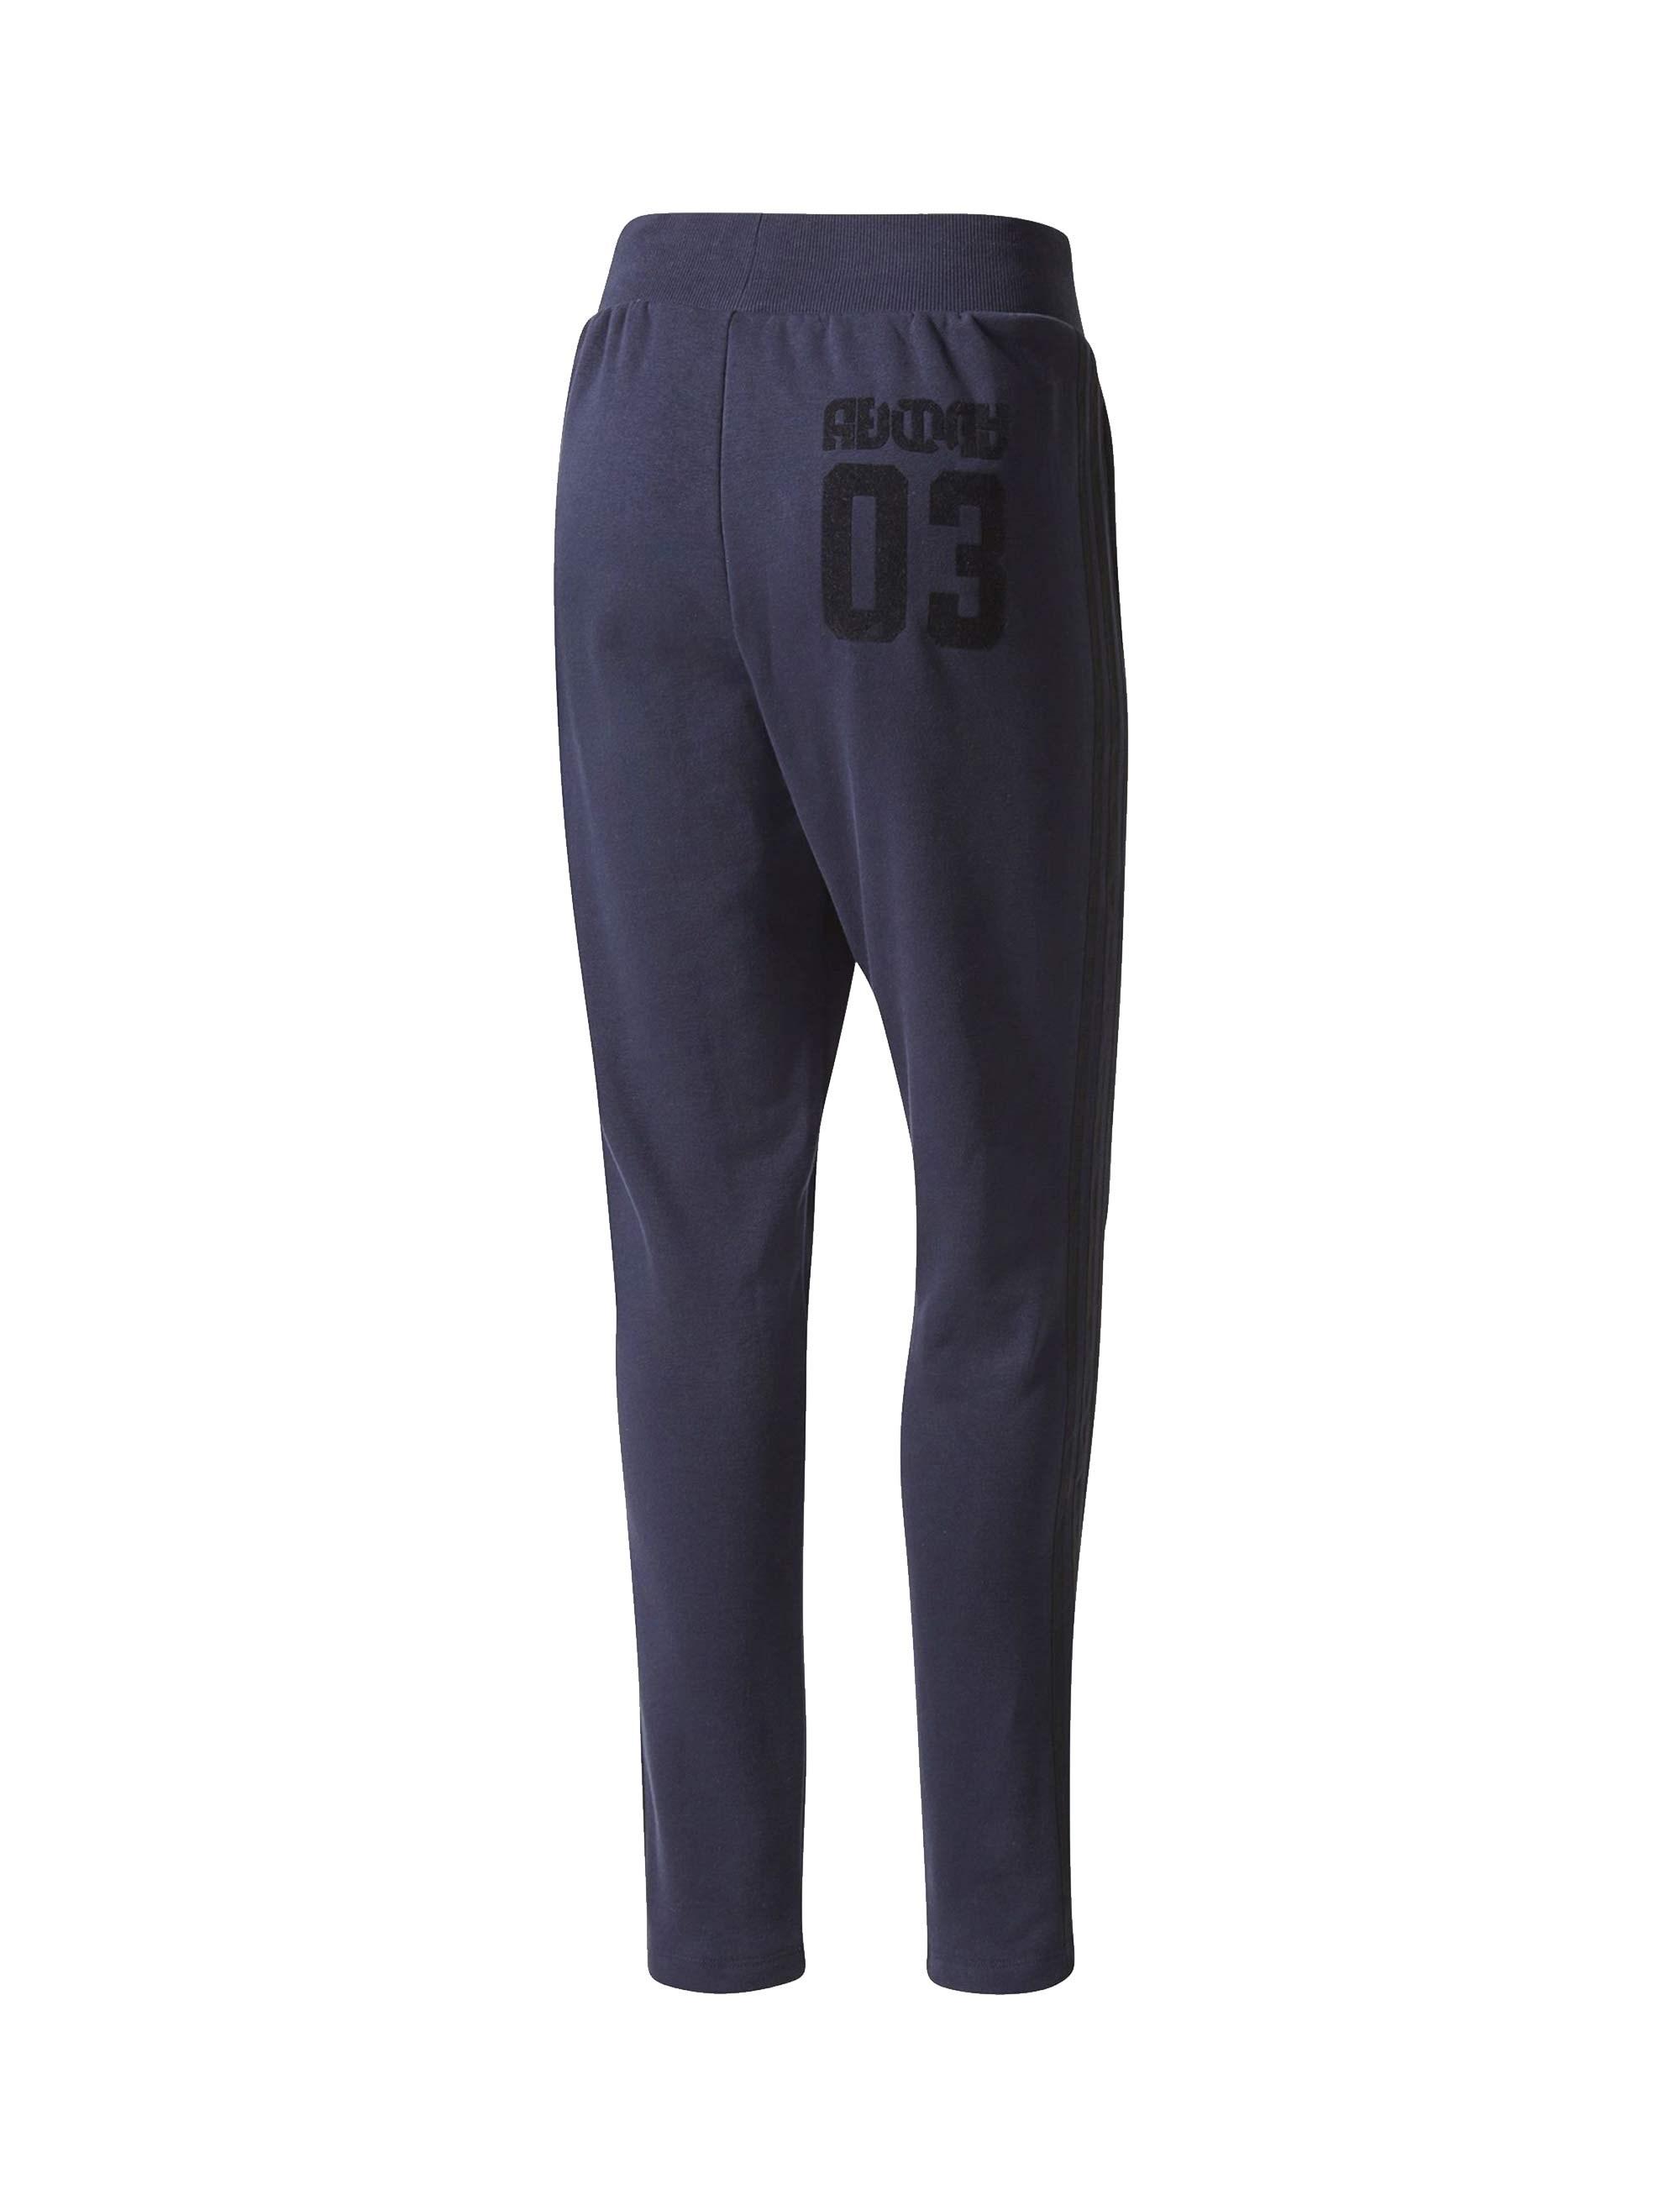 شلوار نخی راسته زنانه Drop Crotch - آدیداس